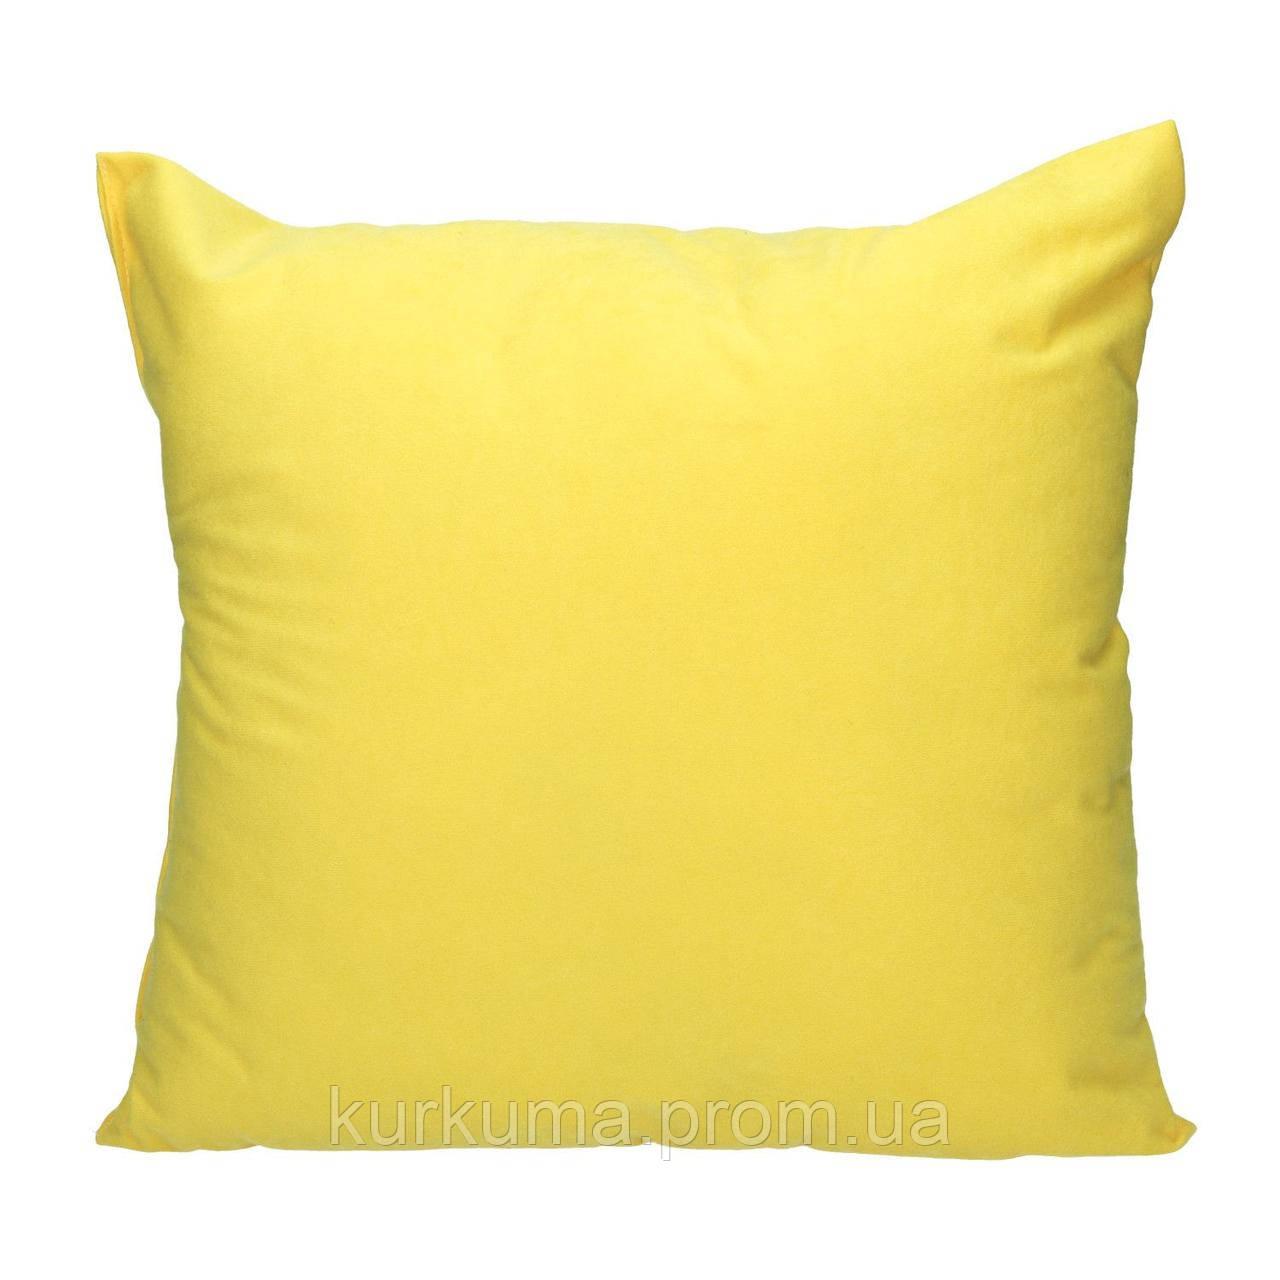 Декоративная подушка MALAGA 40x40 см